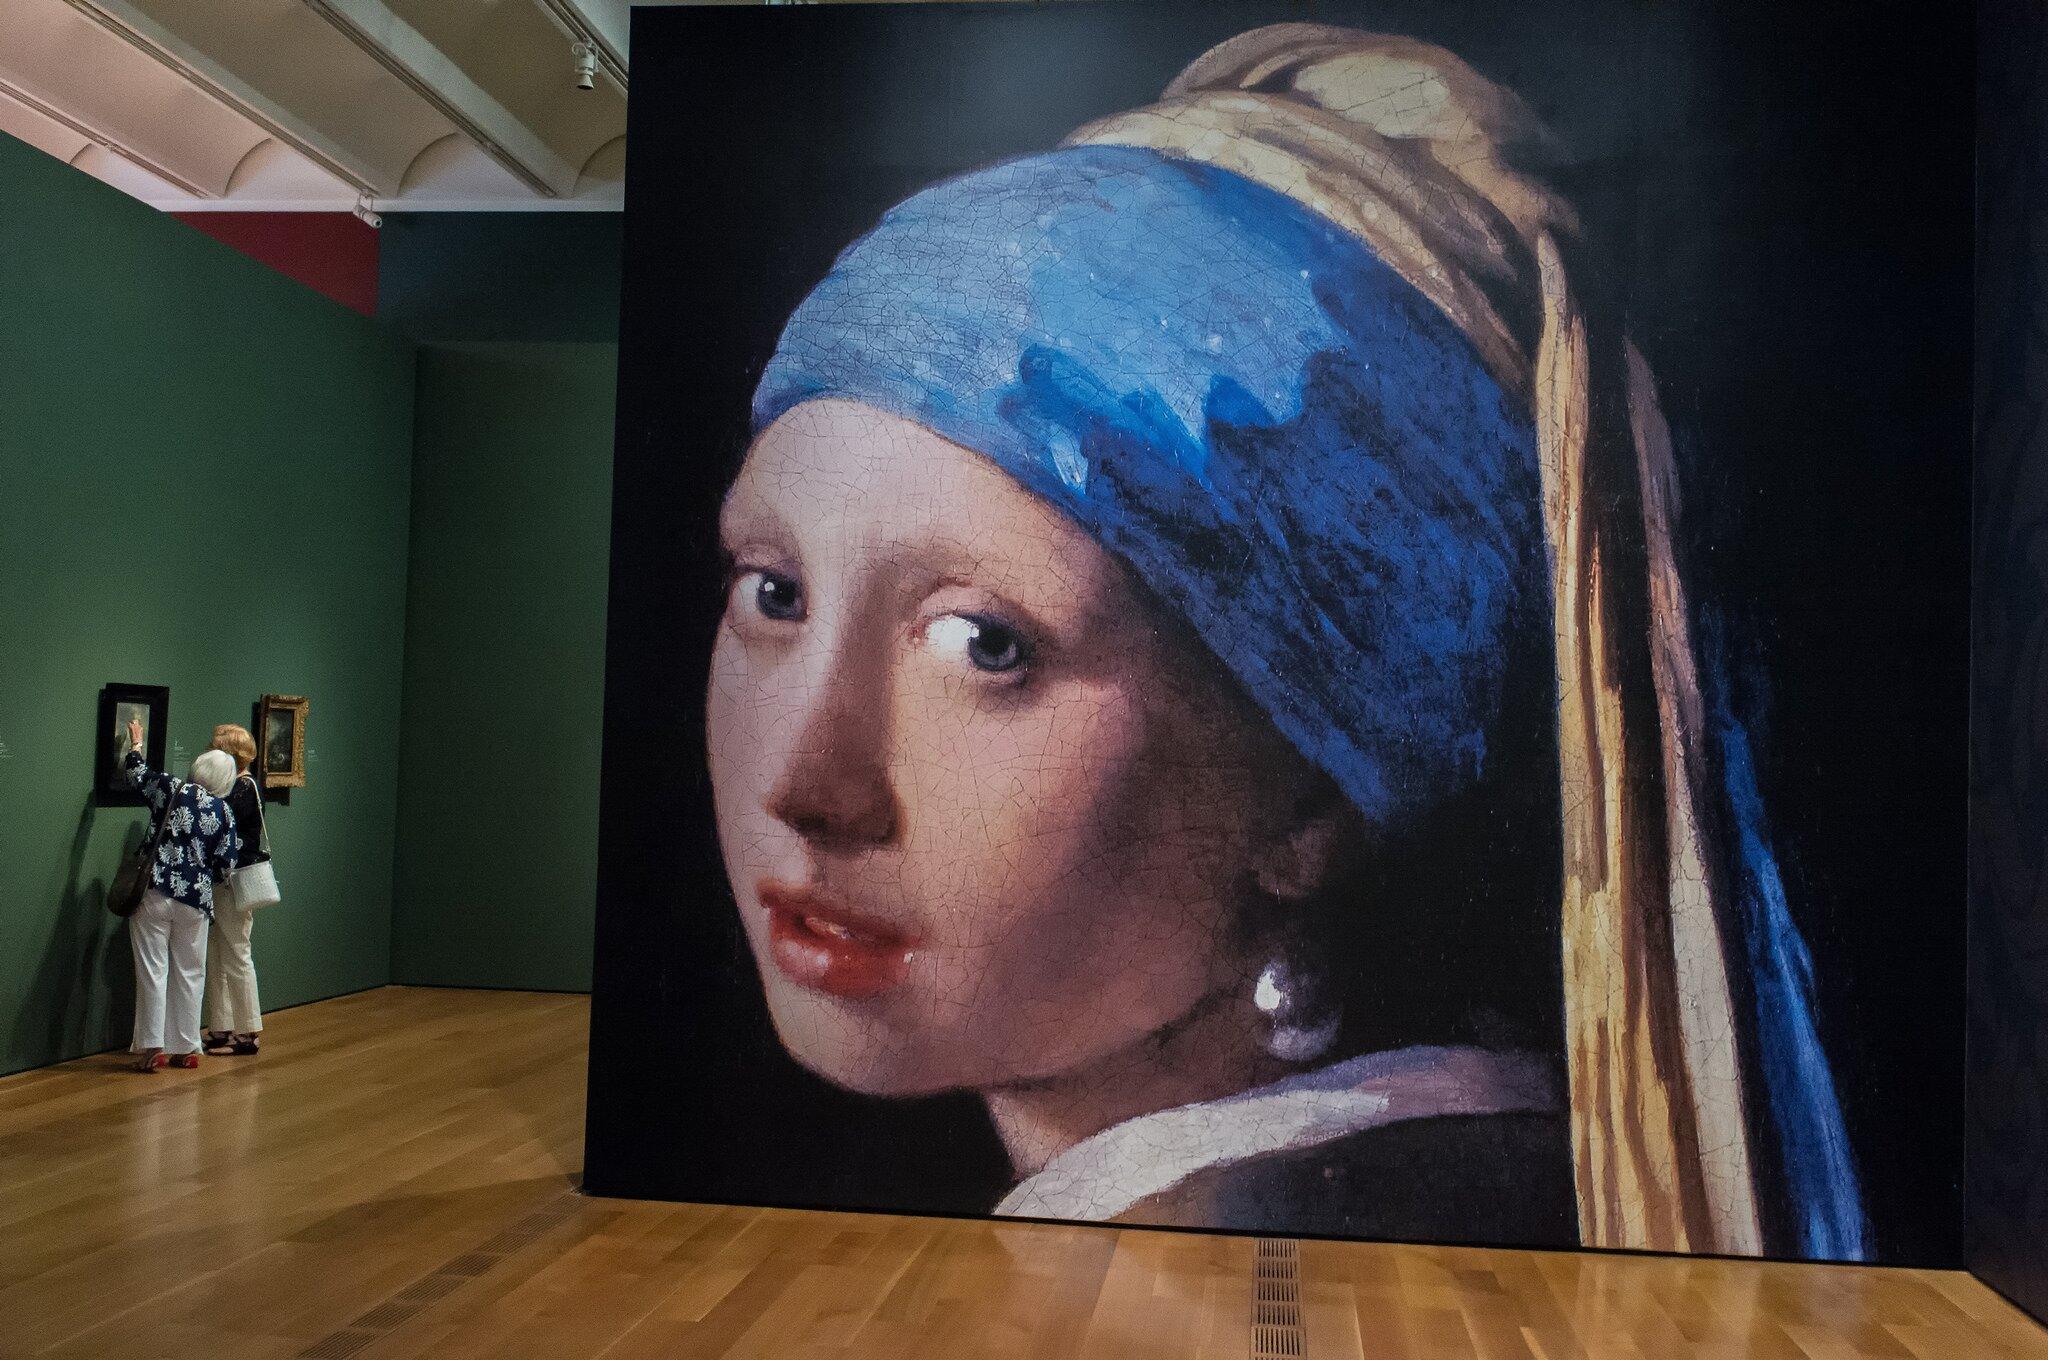 Fragment wystawy wHigh Museum (Atlanta), na pierwszym planie fragmentDziewczyny zperłą Jana Vermeera. Fragment wystawy wHigh Museum (Atlanta), na pierwszym planie fragmentDziewczyny zperłą Jana Vermeera. Źródło: Ralph Daily, fotografia barwna, licencja: CC BY 2.0.